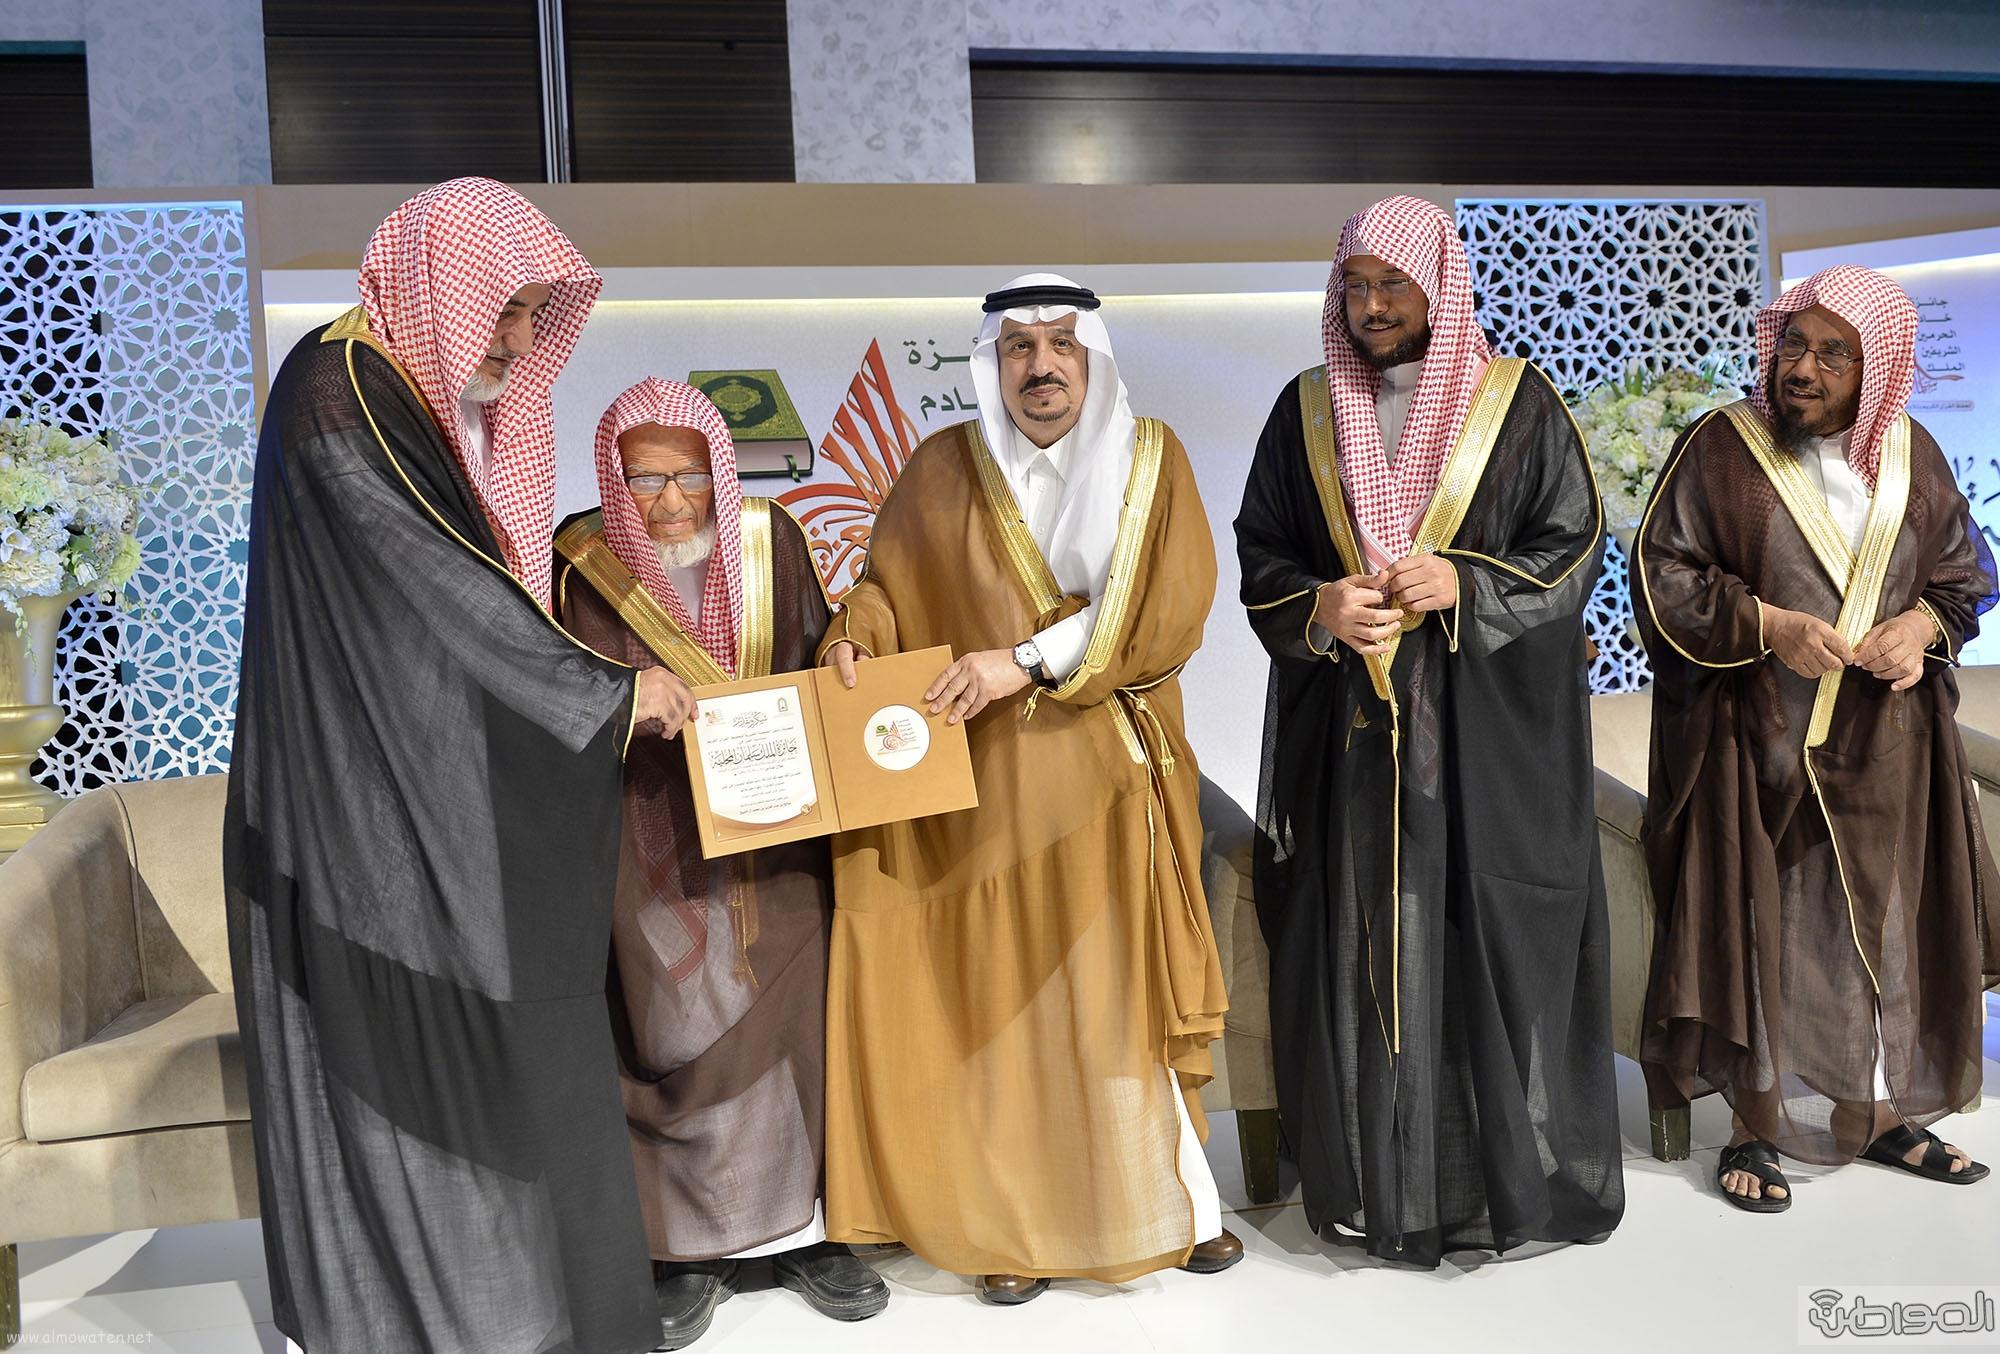 امير منطقة الرياض يرعى حفل اختتام مسابقة جائزة الملك سلمان لحفظ القران الكريم (23)